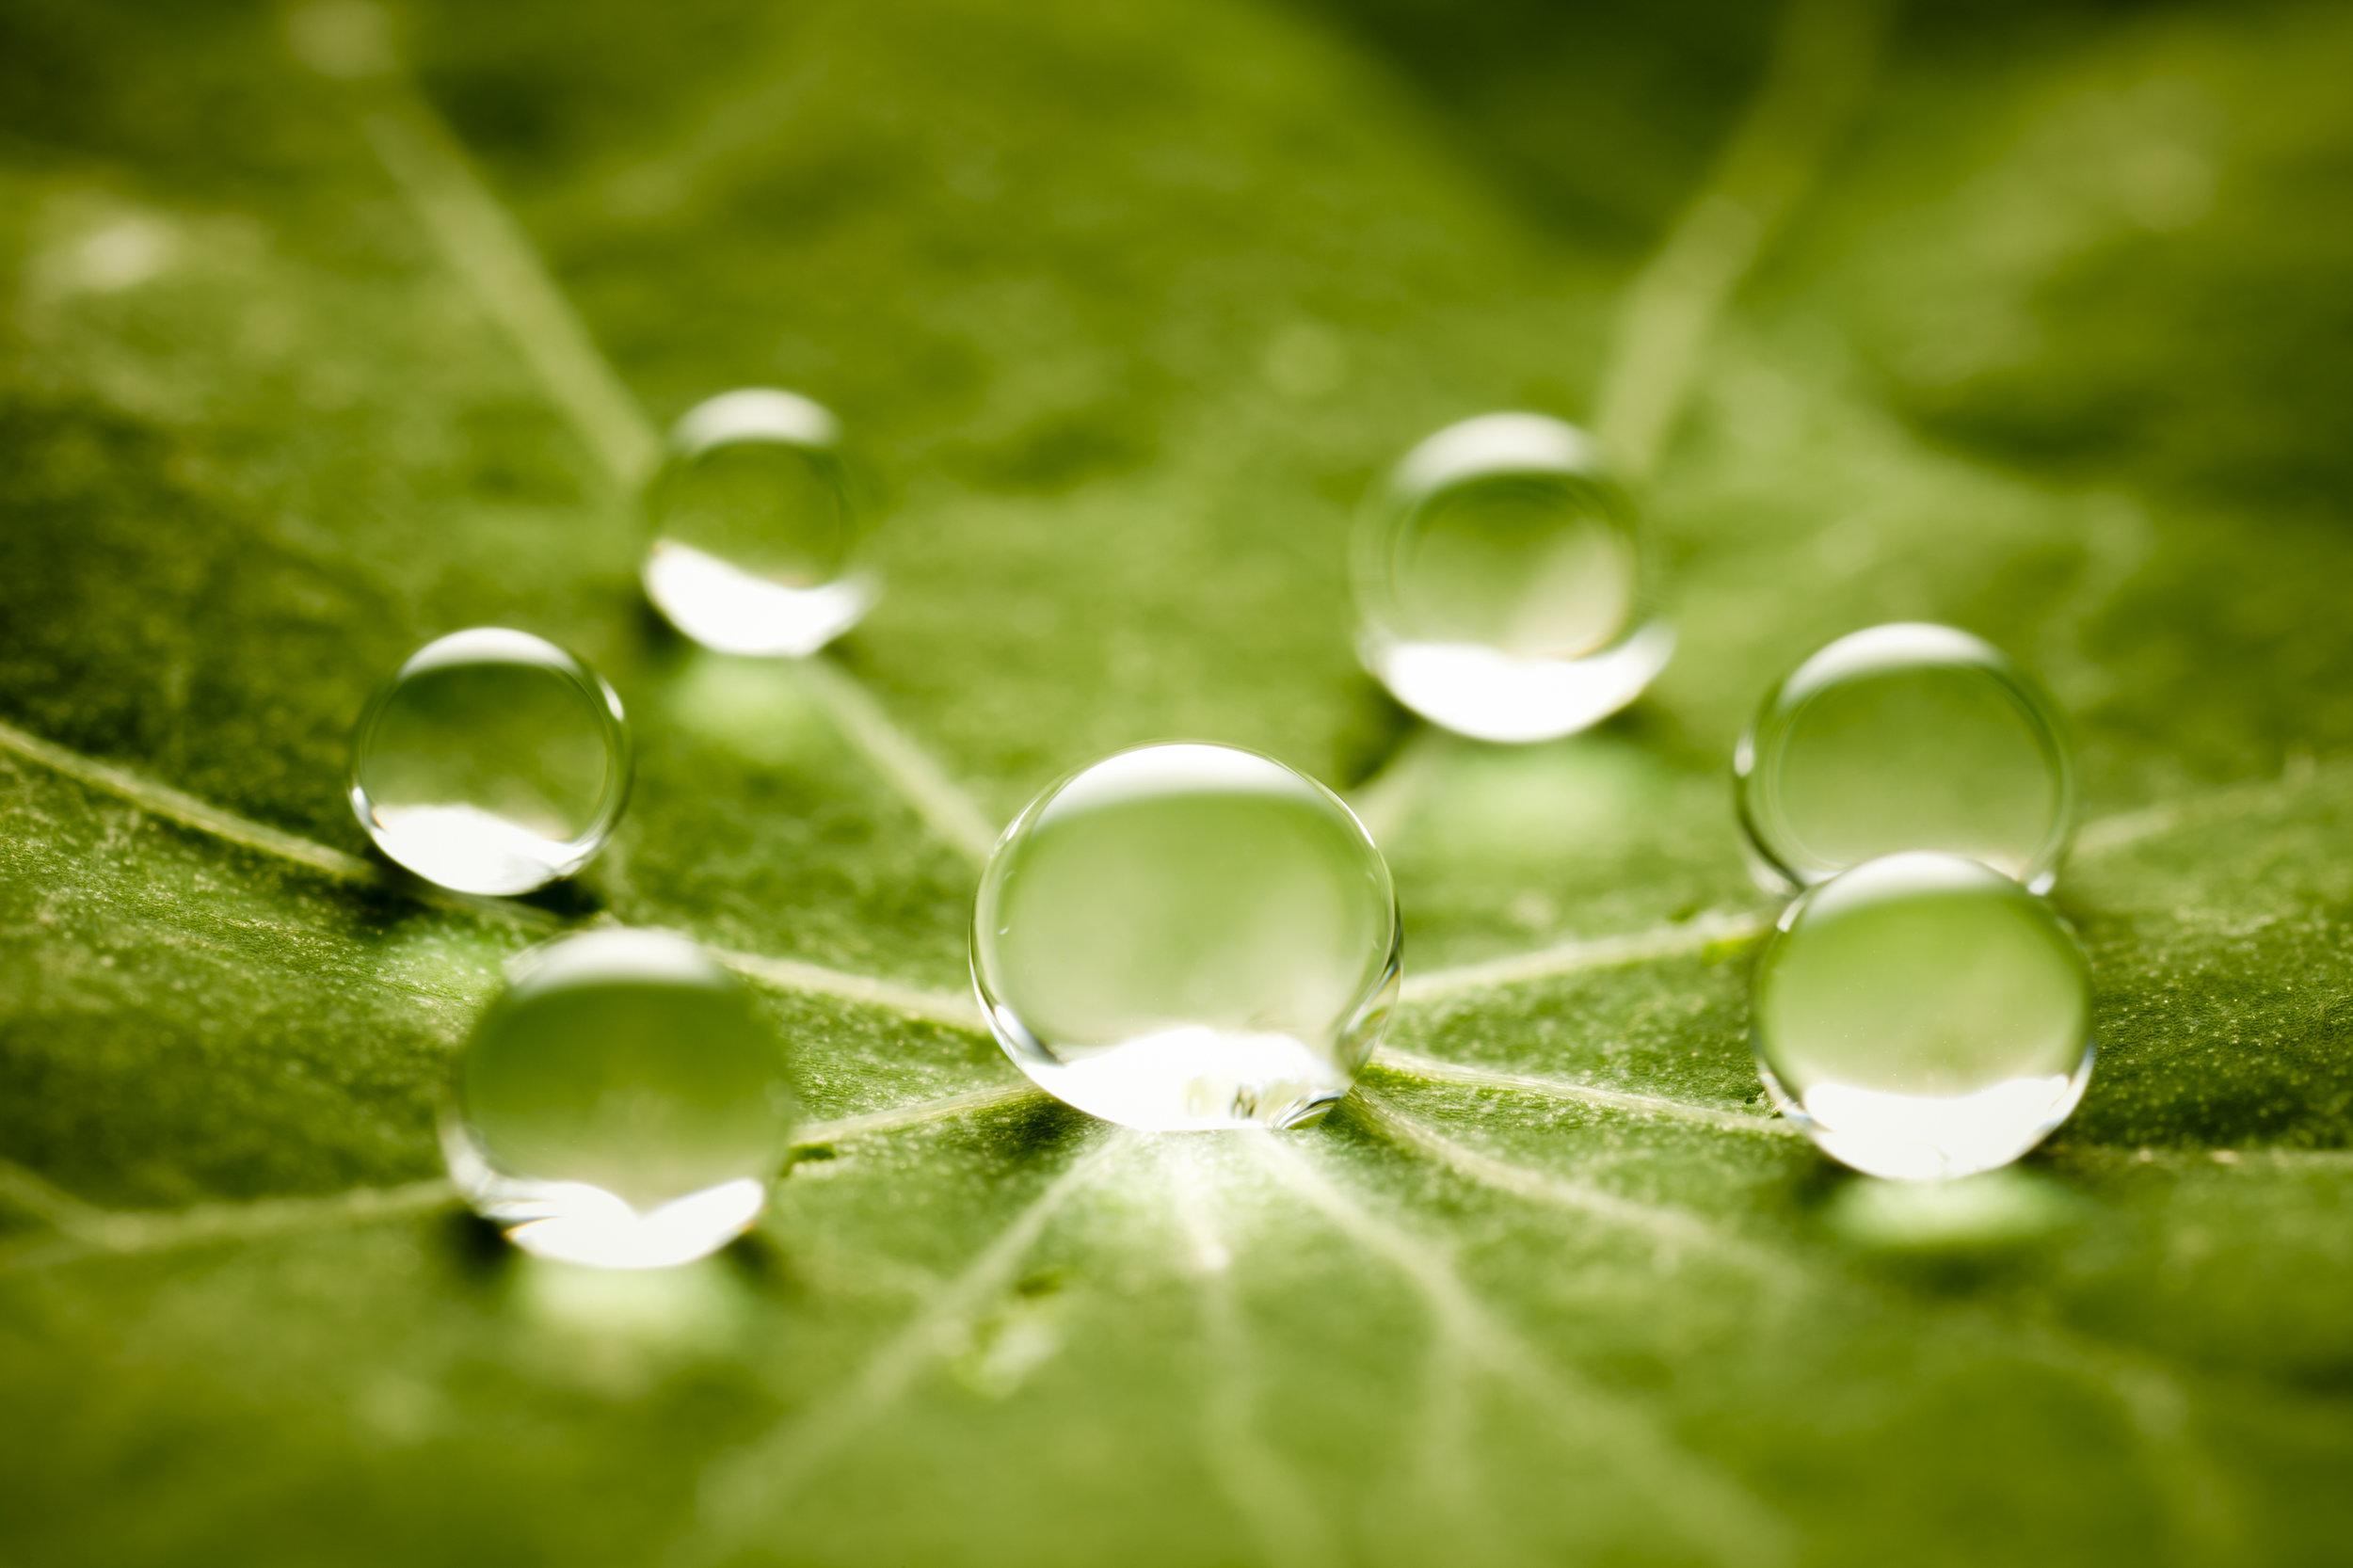 Water Drops on Leaf.jpg